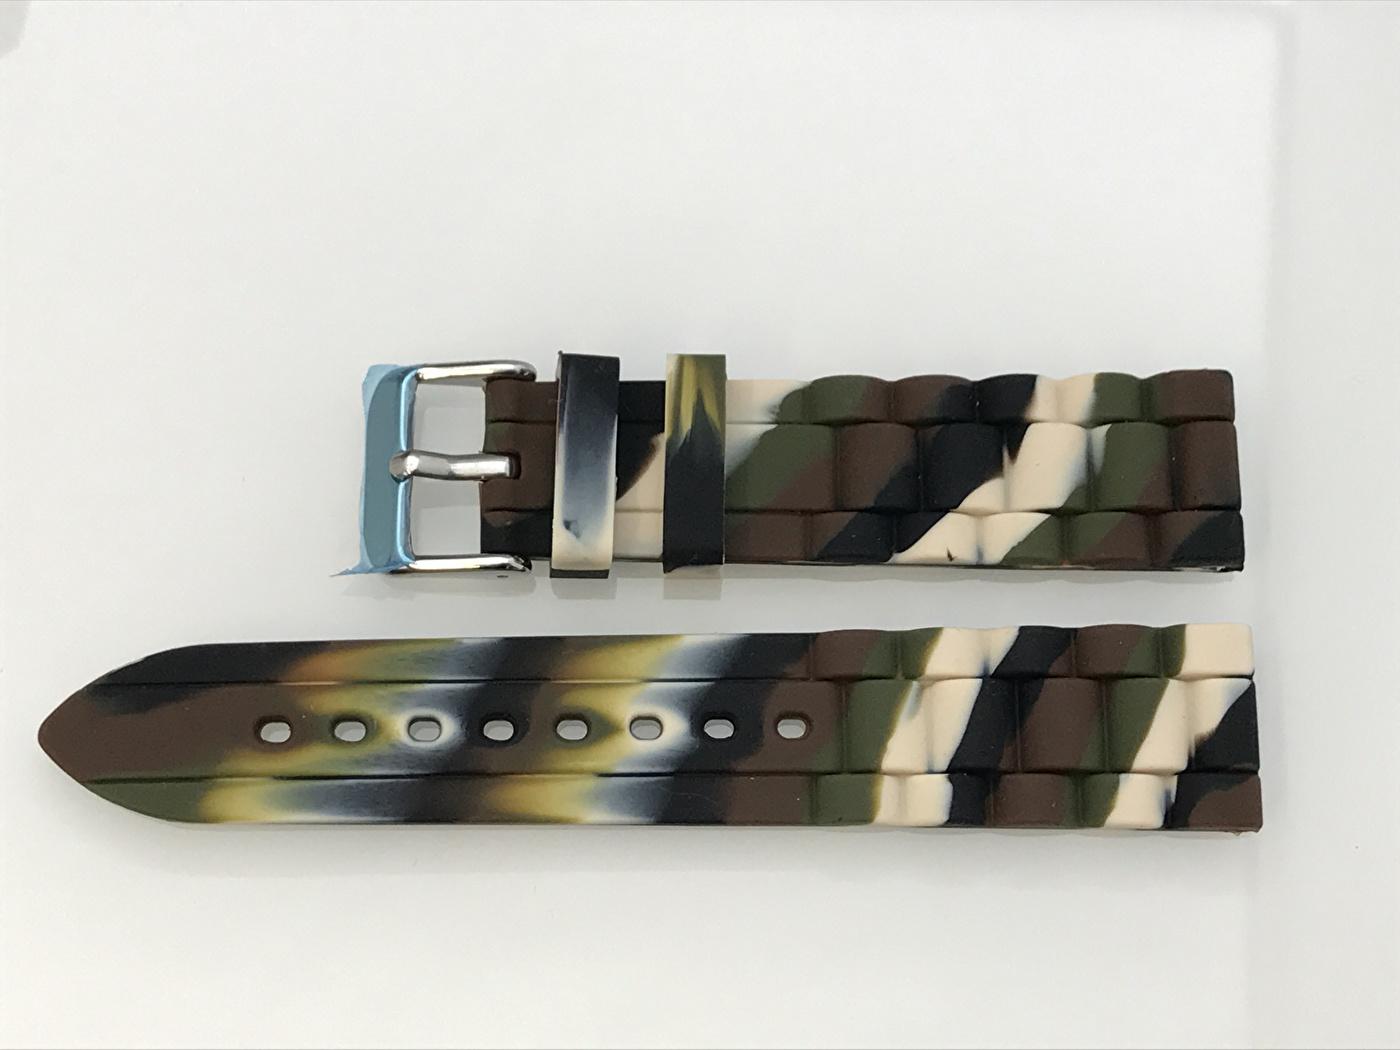 Kamouflage gummiband